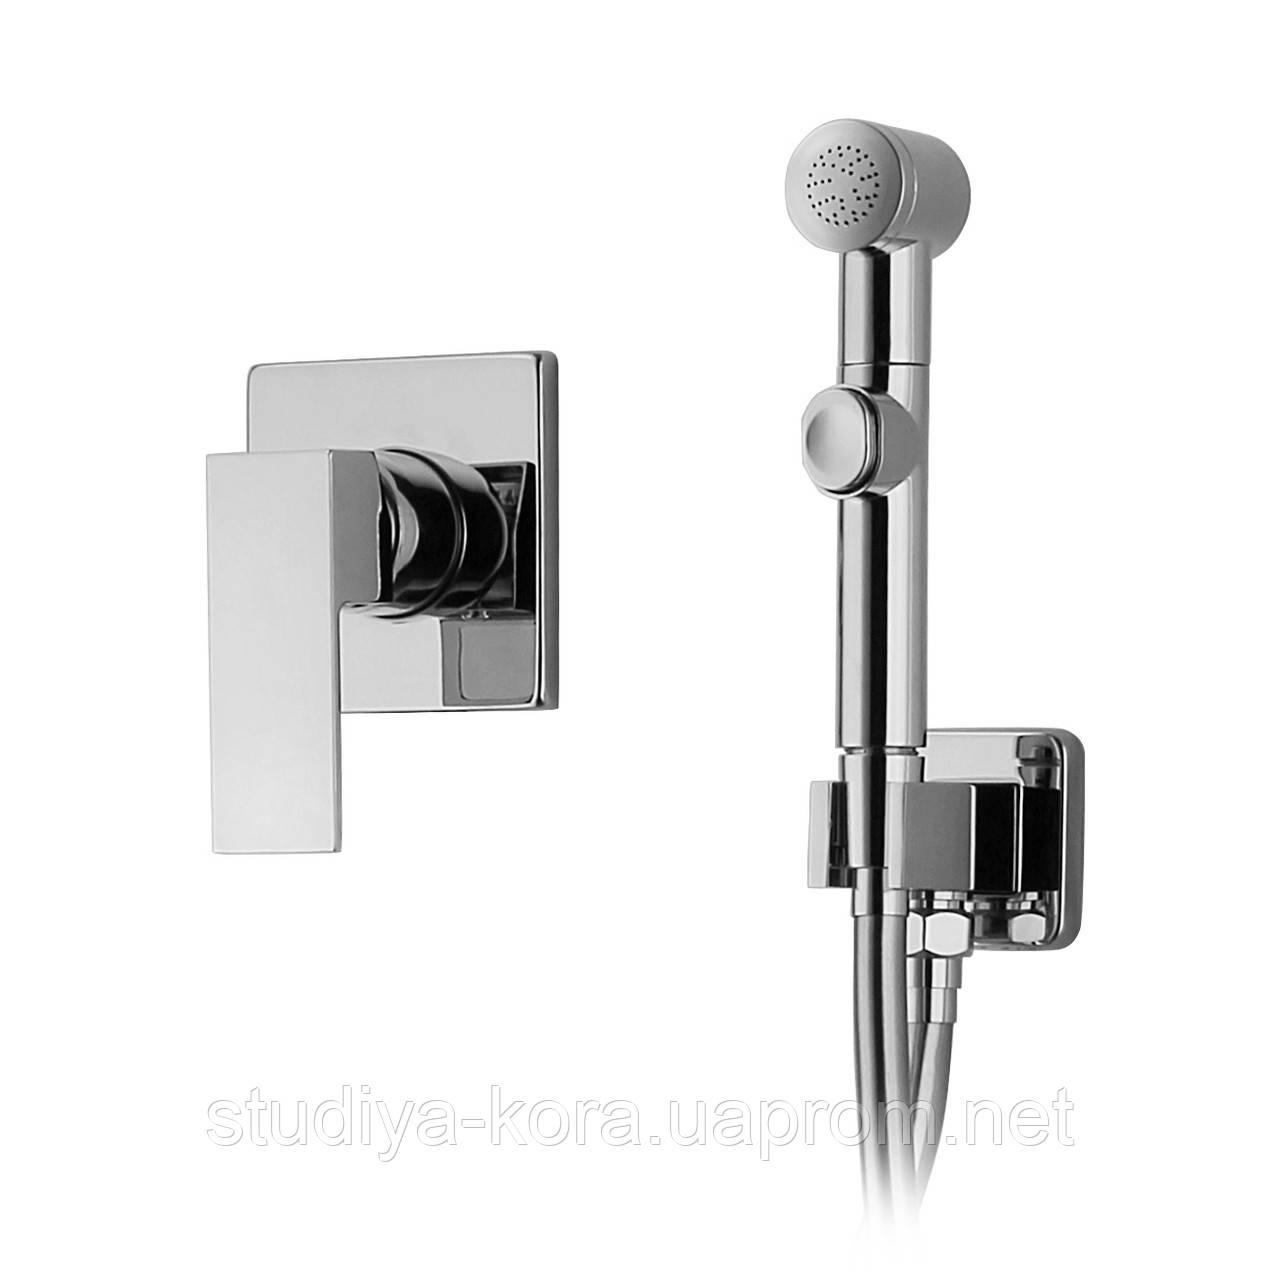 Купить LEON набор (смеситель скрытого монтажа с гигиеническим душем), Volle